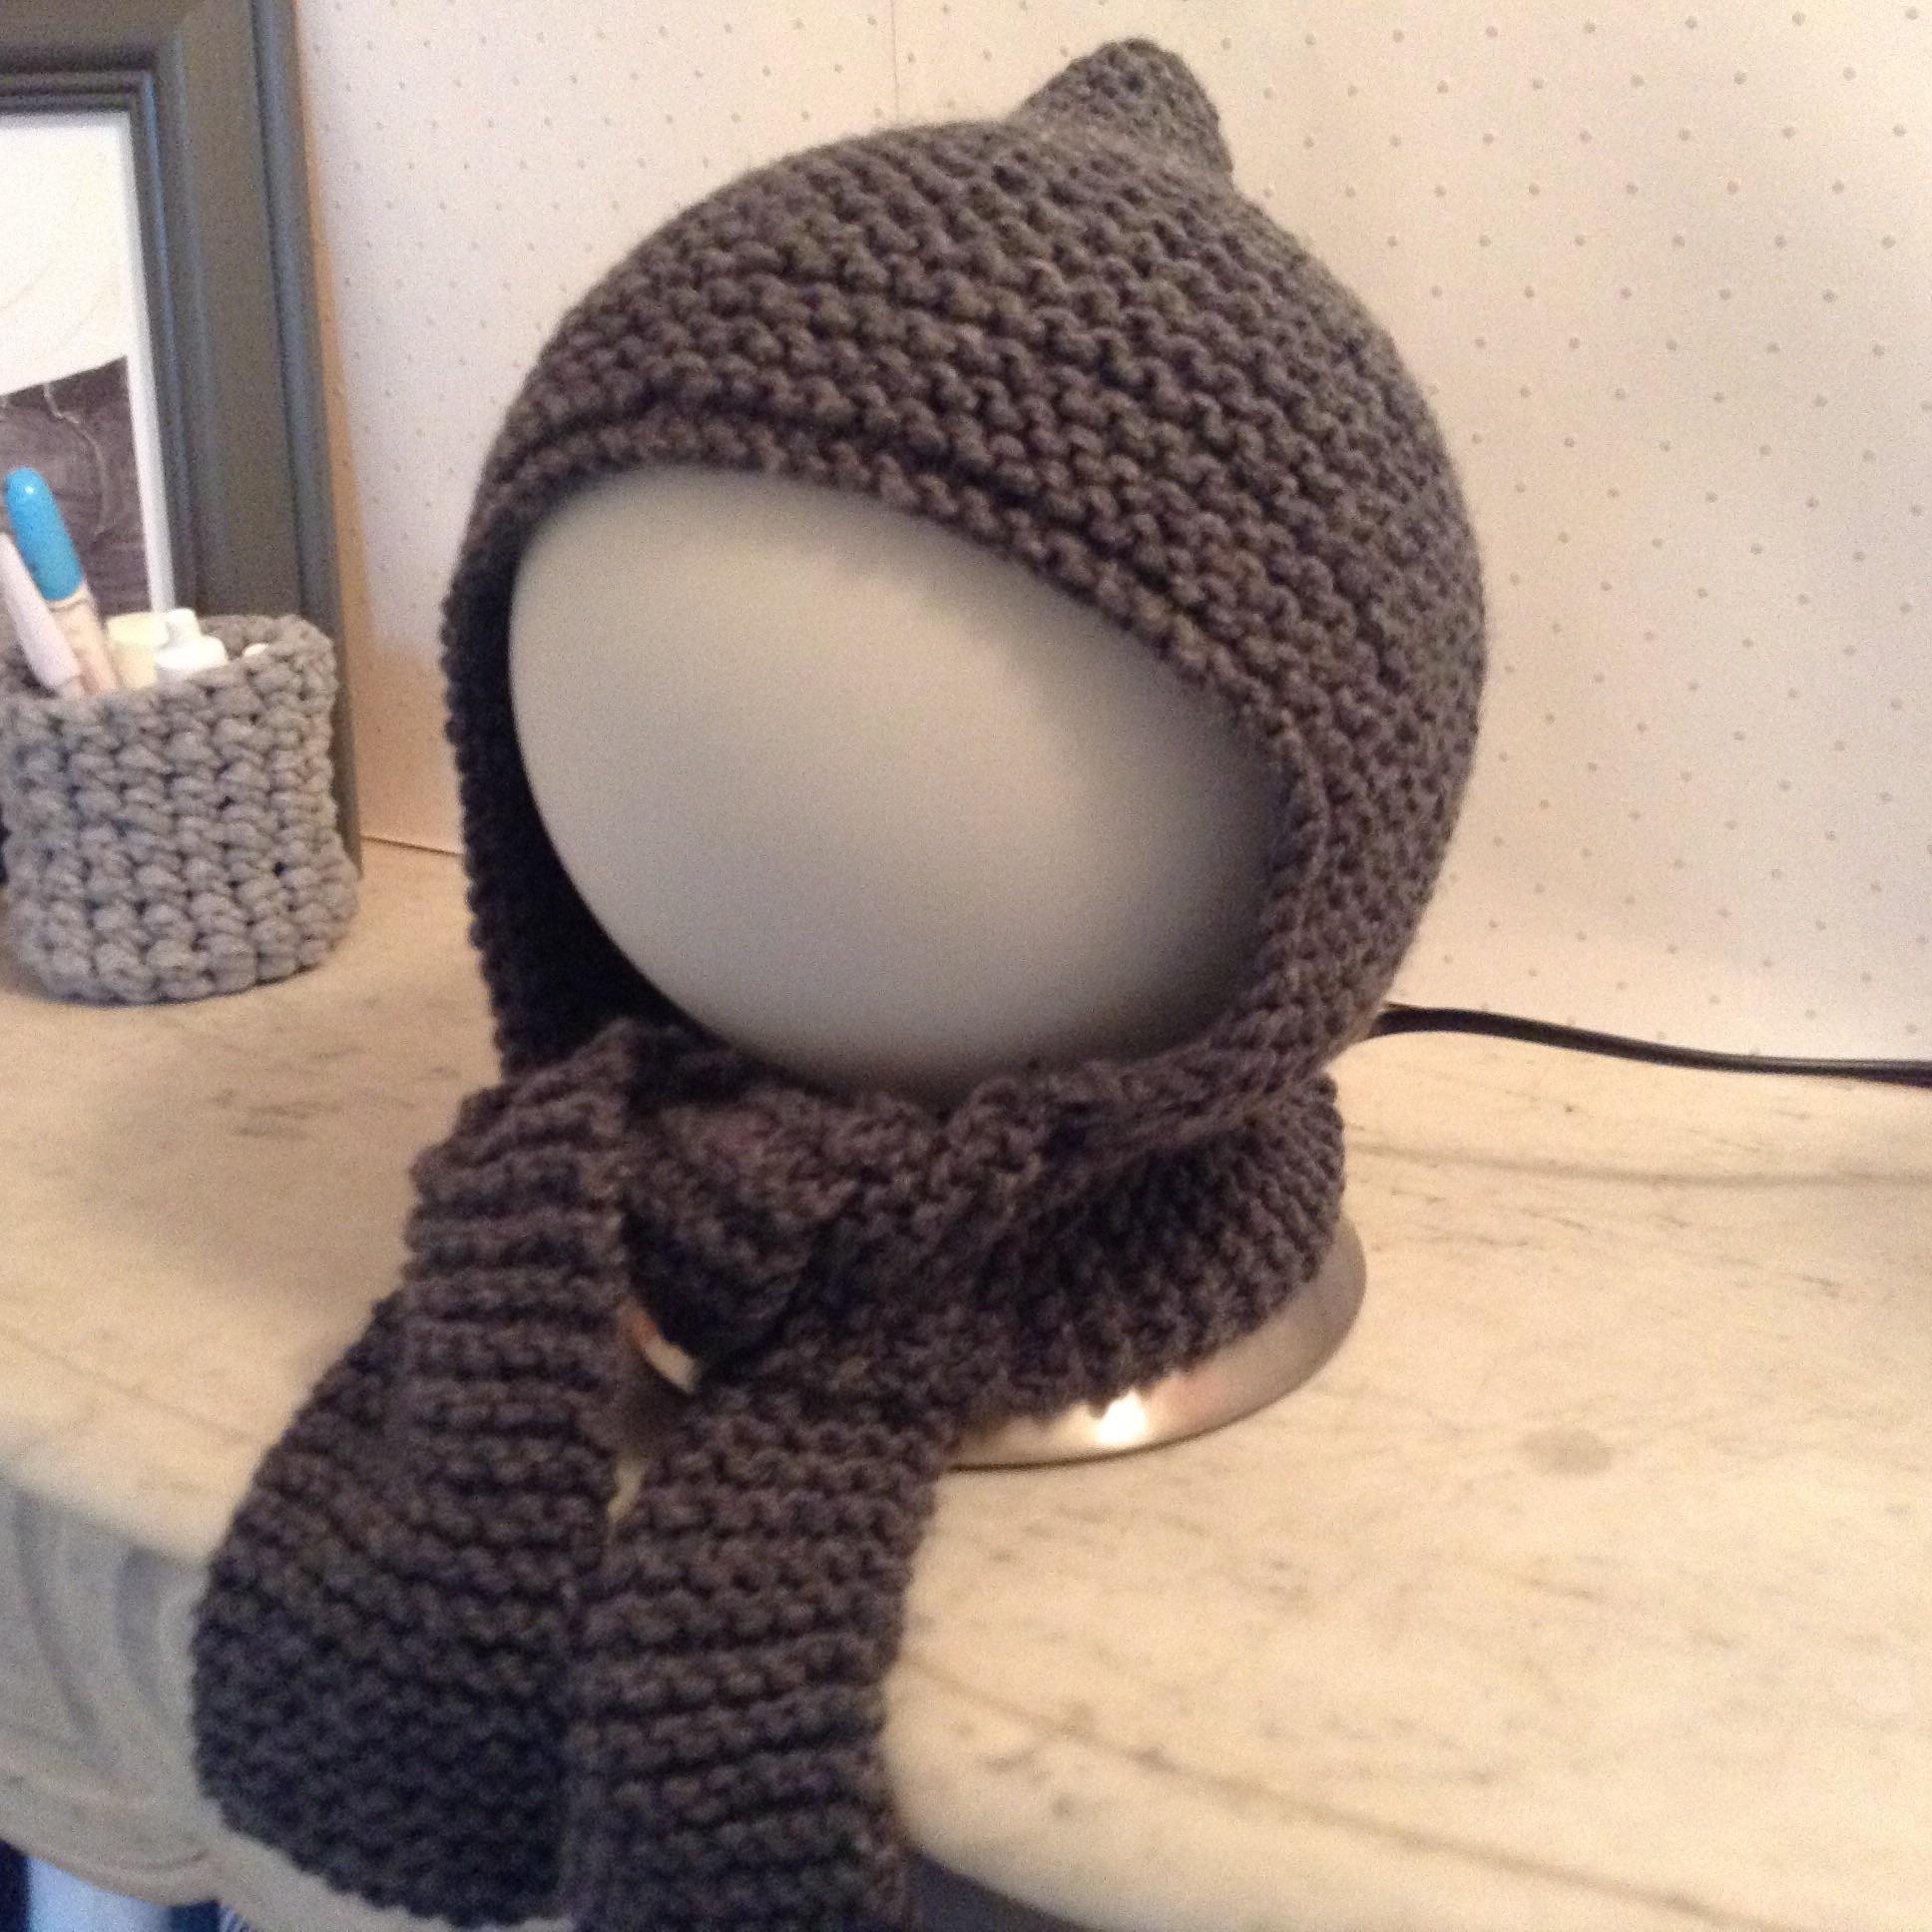 écharpe tricot bébé - Idée pour s habiller 2bd0b03d95d